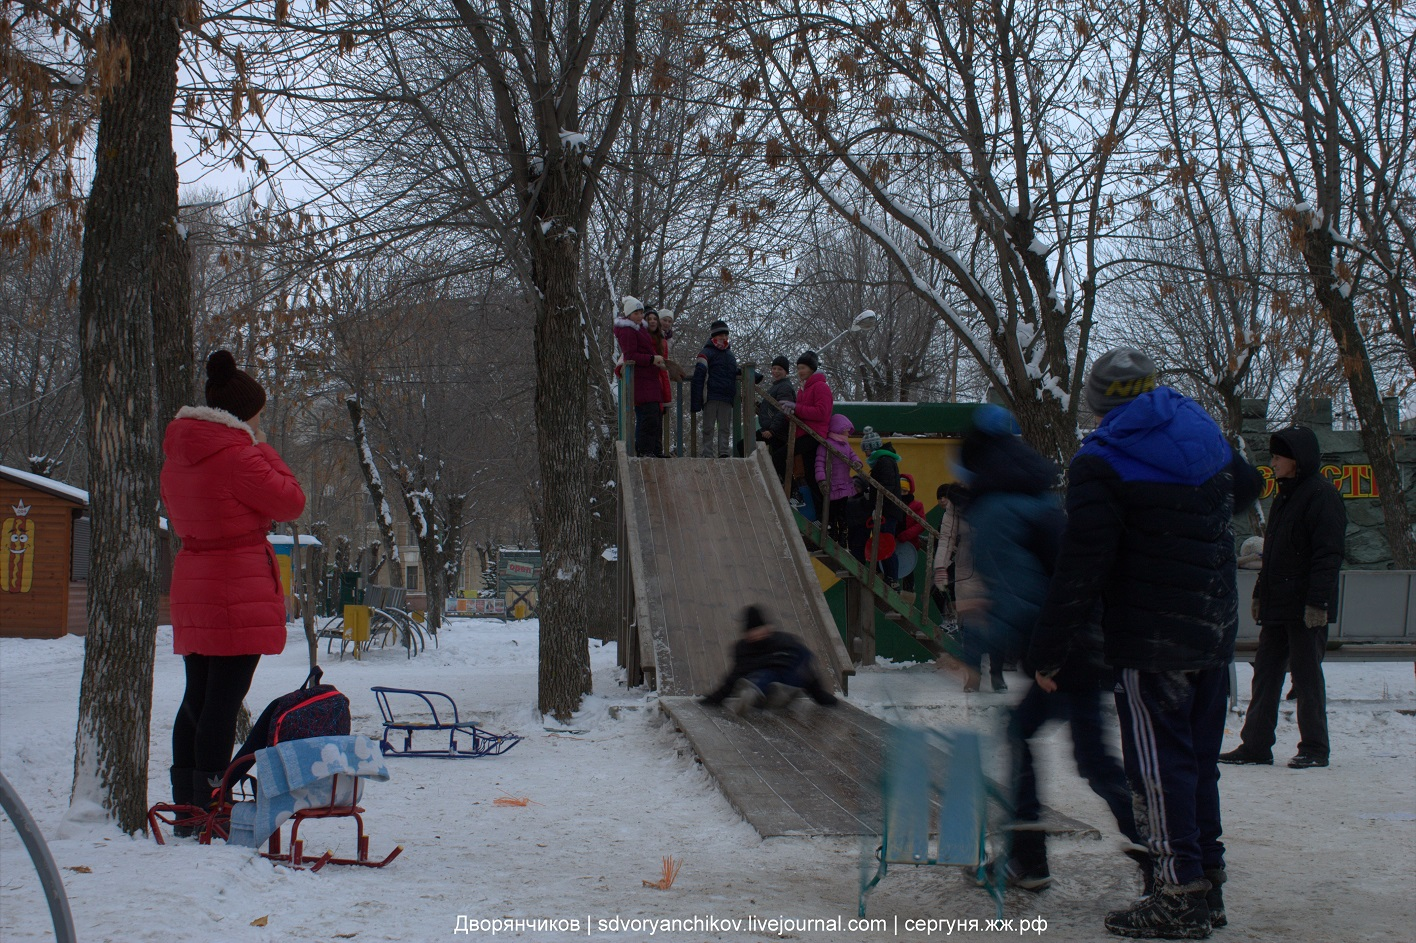 Парк ВГС - на горке - 4 декабря 2016